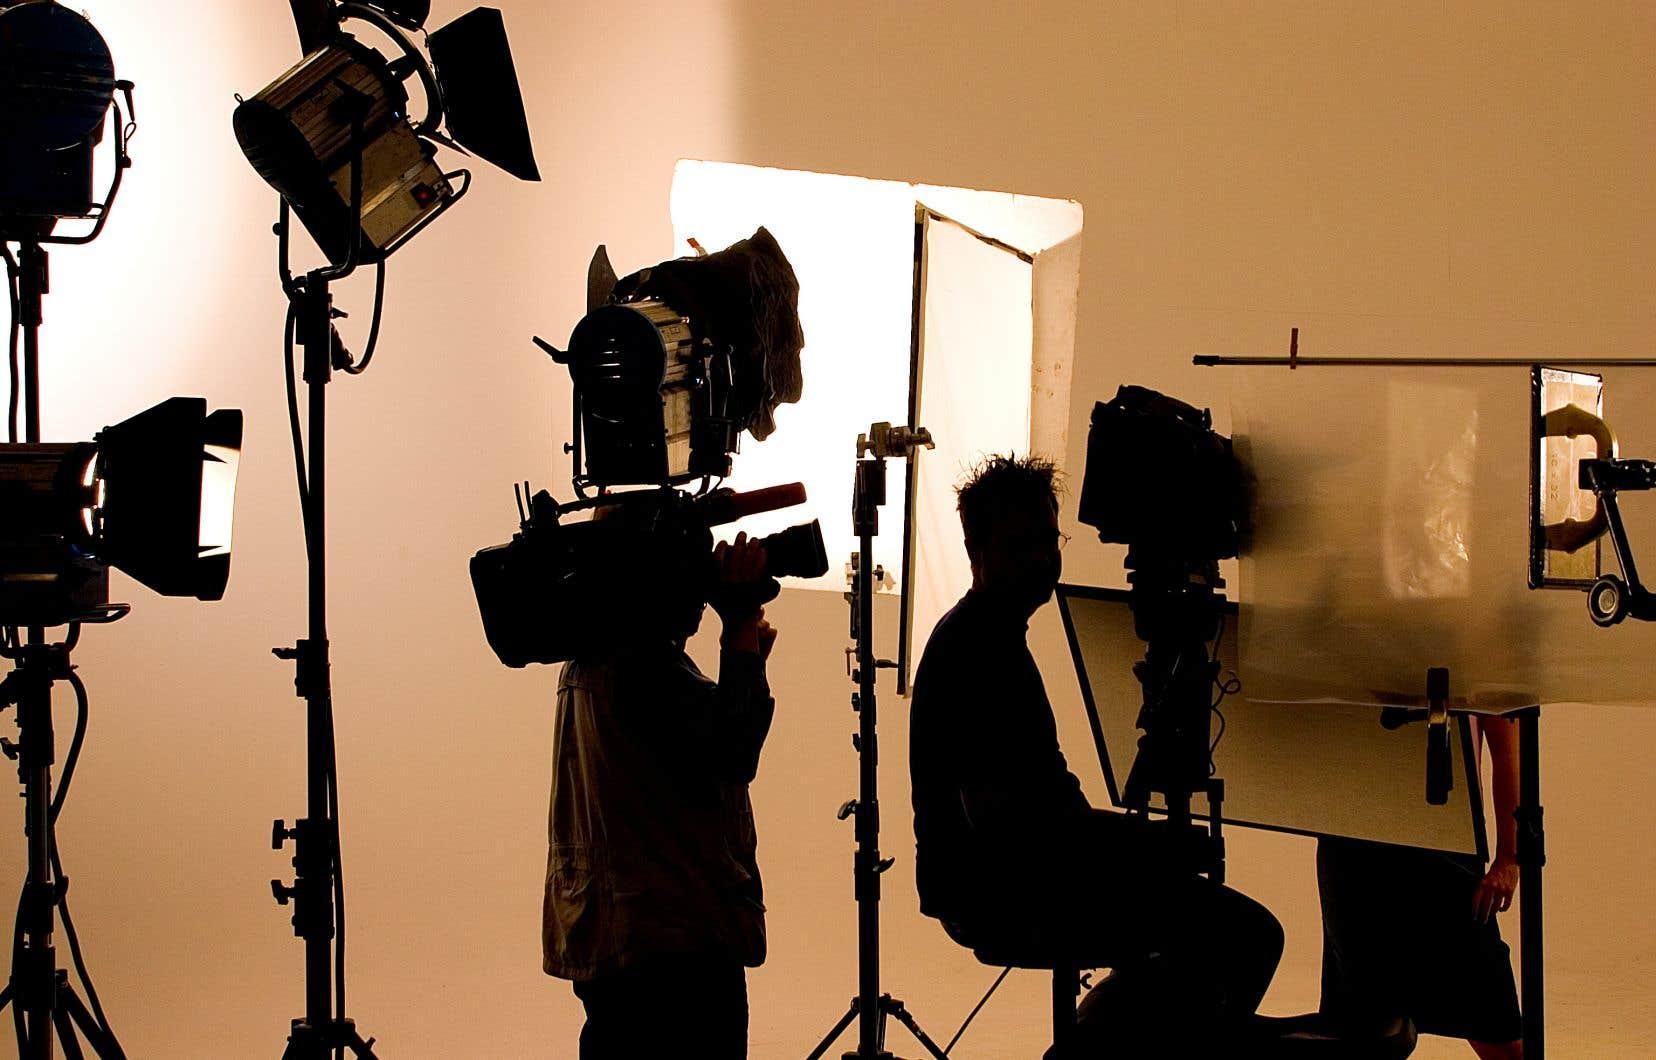 Parmi les attentes, on espère que le crédit d'impôt pour la production cinématographique ou télévisuelle québécoise sera rétabli au niveau où il était jusqu'en 2014.